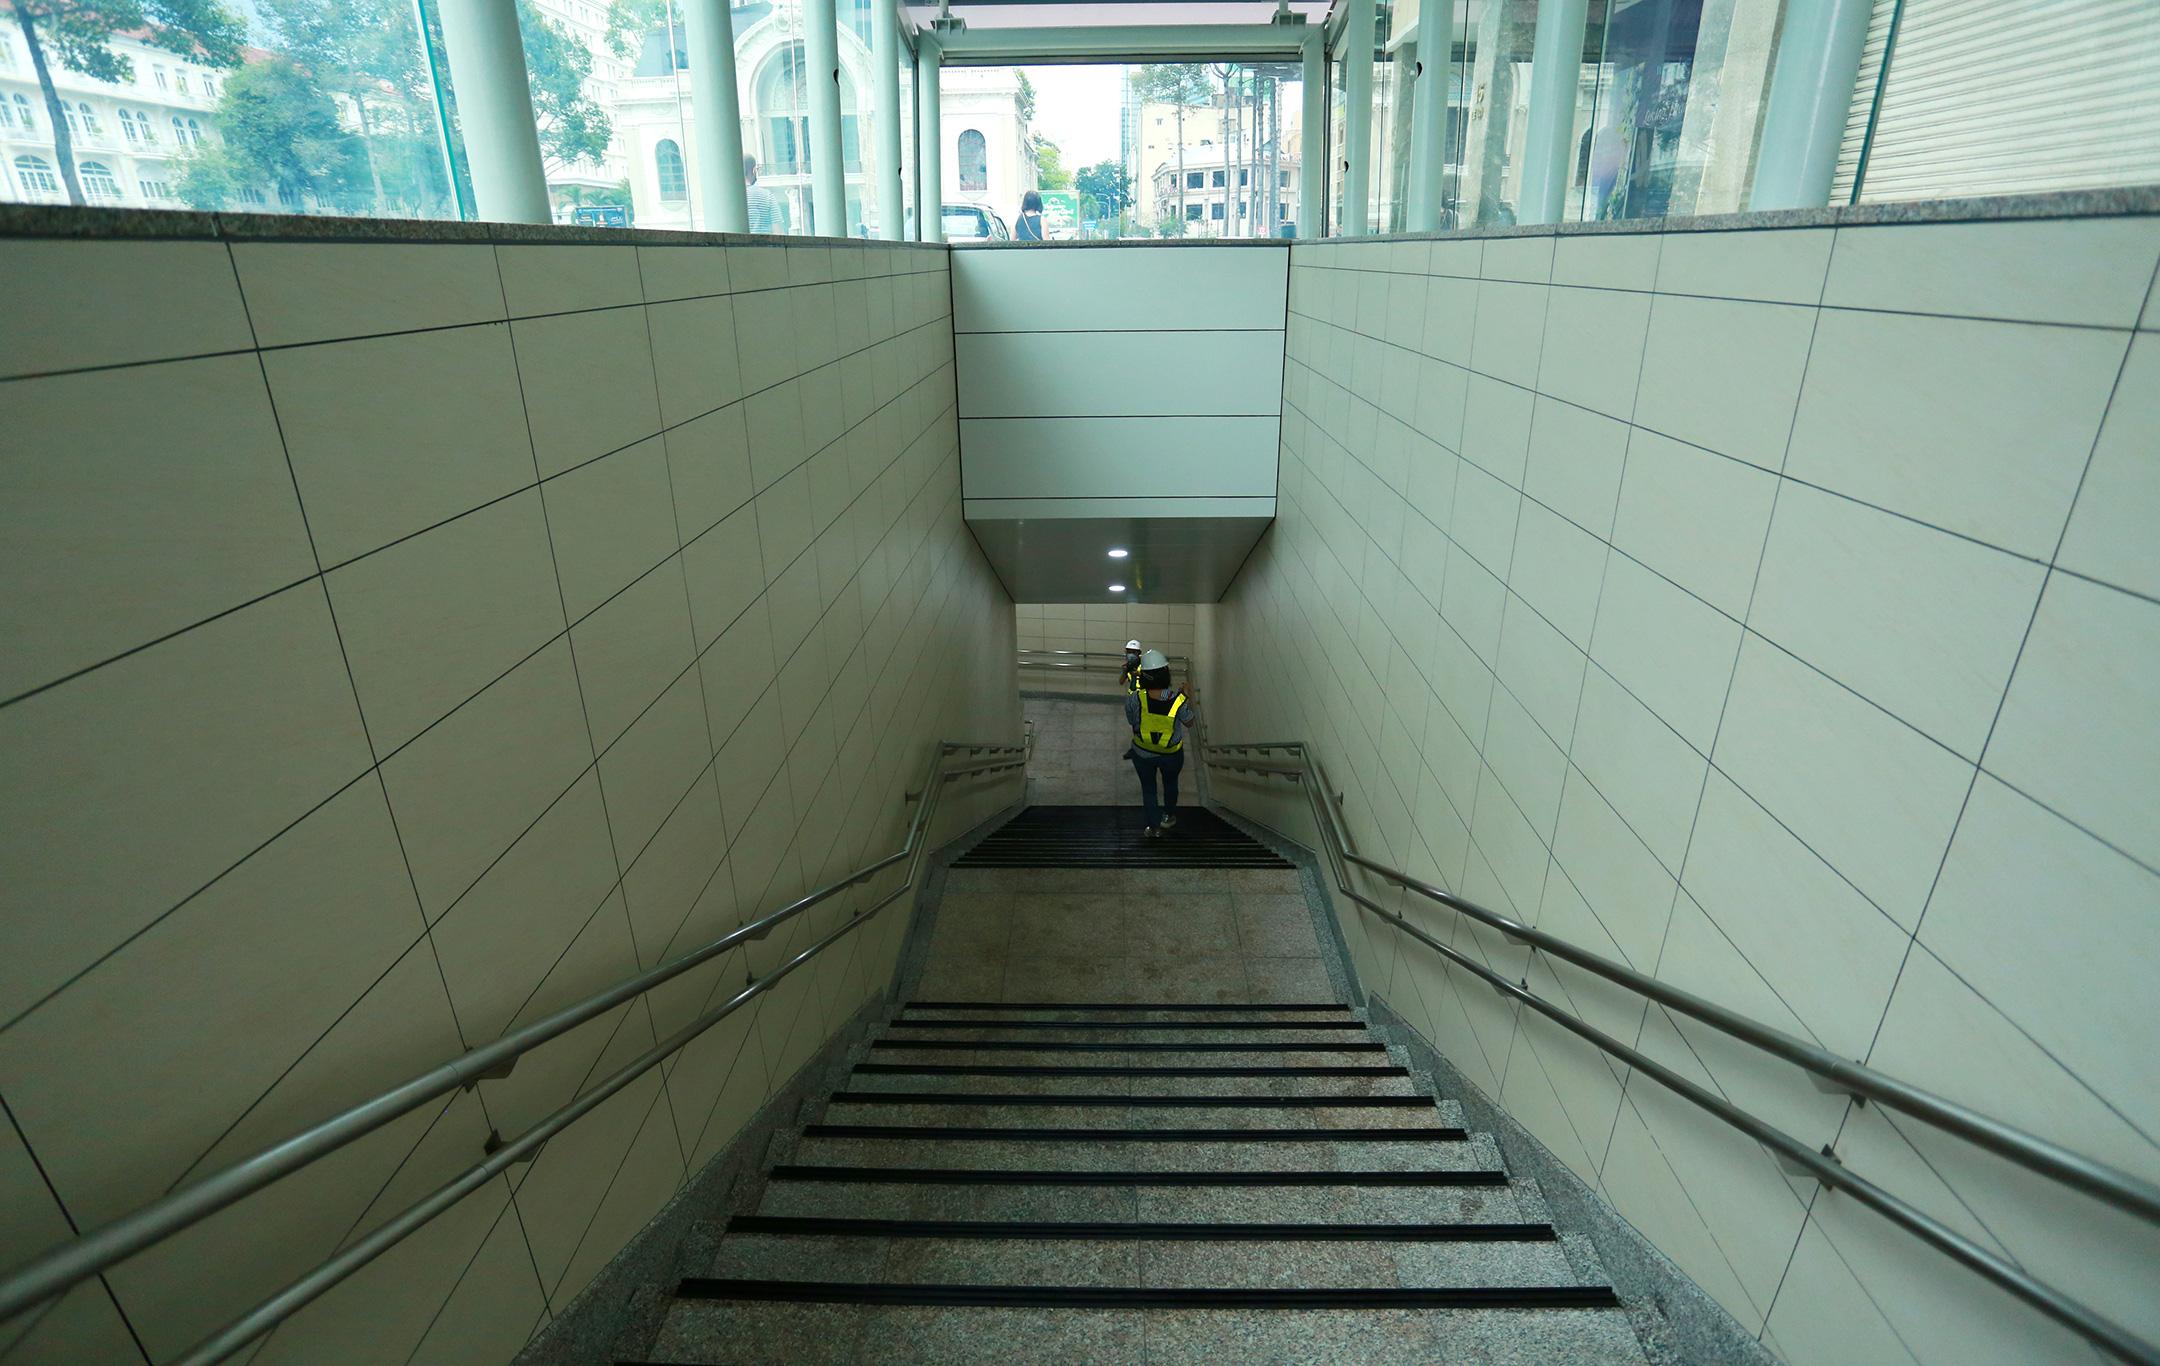 Ga ngầm 4 tầng đầu tiên của Metro TP.HCM sắp hoàn thiện, nằm sát bên Nhà hát thành phố - Ảnh 9.